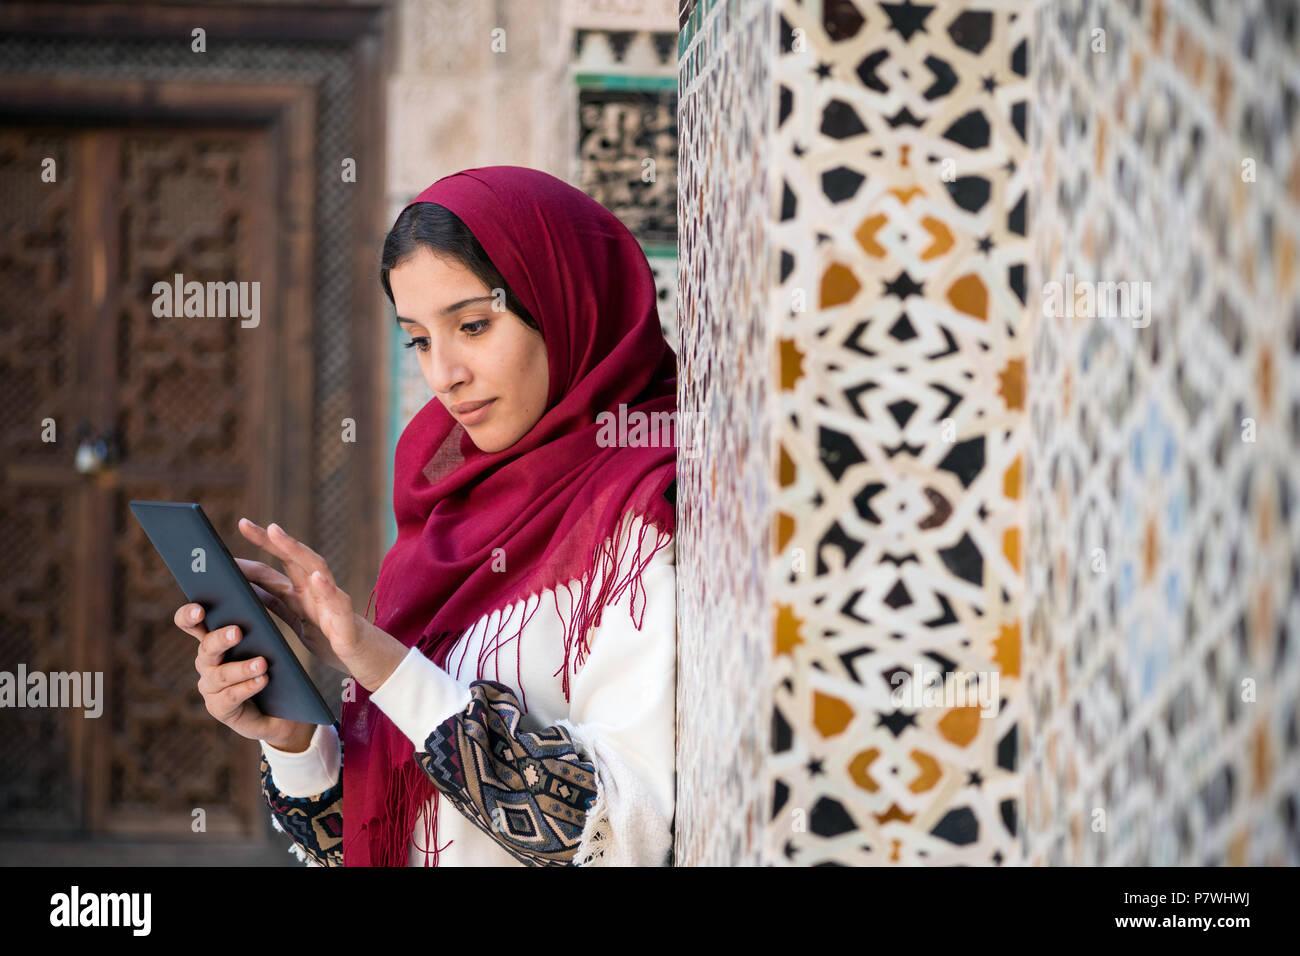 82f4a8b76fc7 Femme musulmane travaillant sur le comprimé dans des vêtements  traditionnels avec foulard rouge sur sa tête